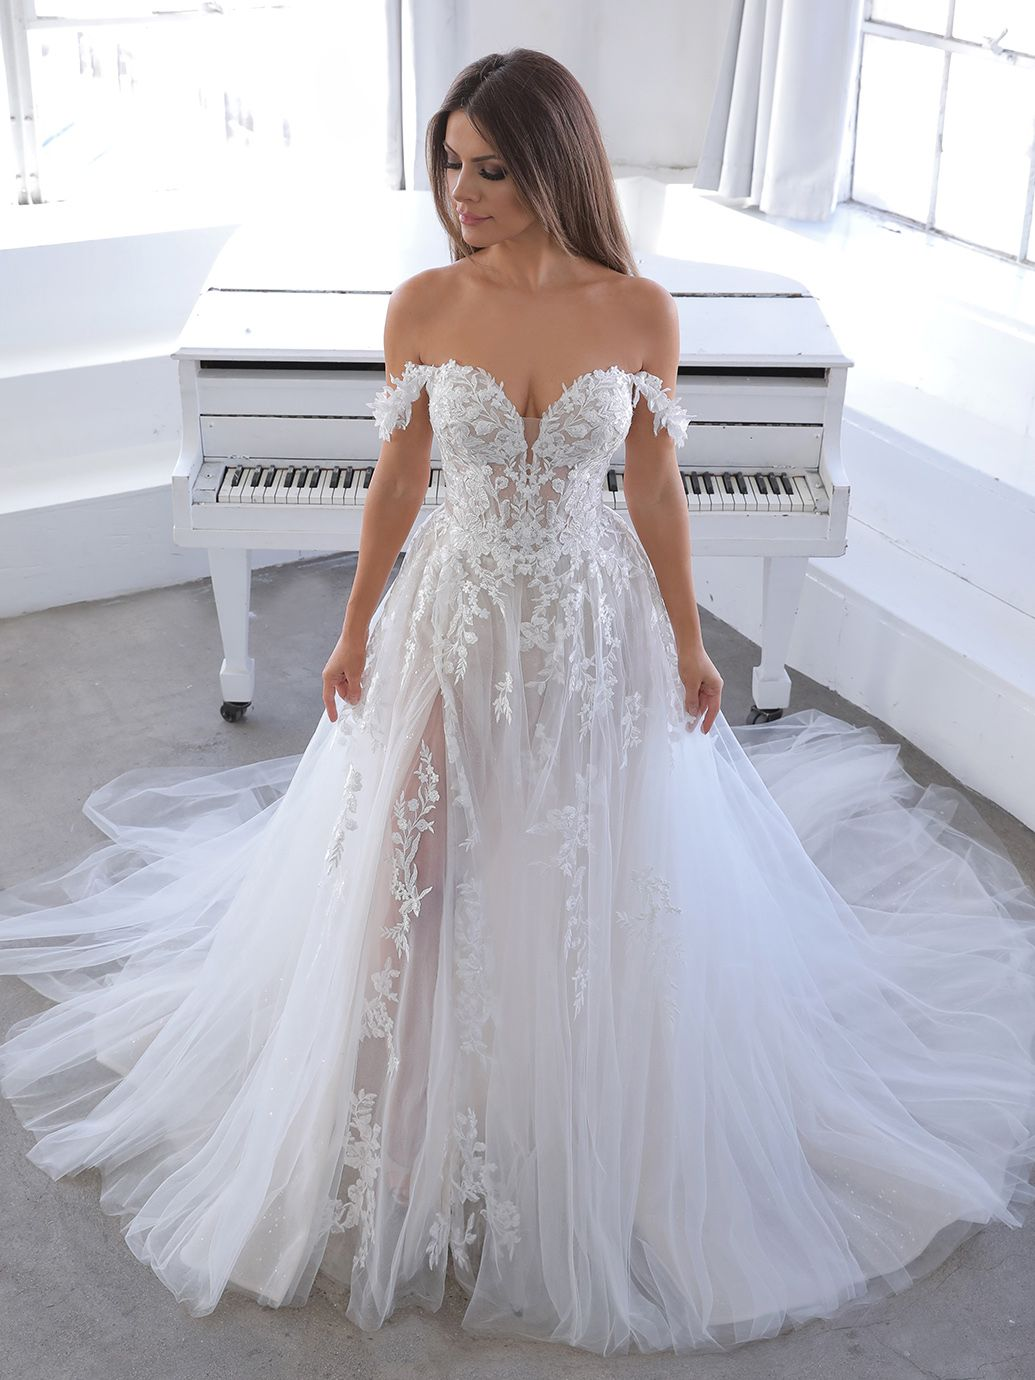 Natsuko Blue By Enzoani Princess Wedding Dresses Wedding Dresses Princess Sweetheart Sweetheart Wedding Dress [ 1380 x 1035 Pixel ]